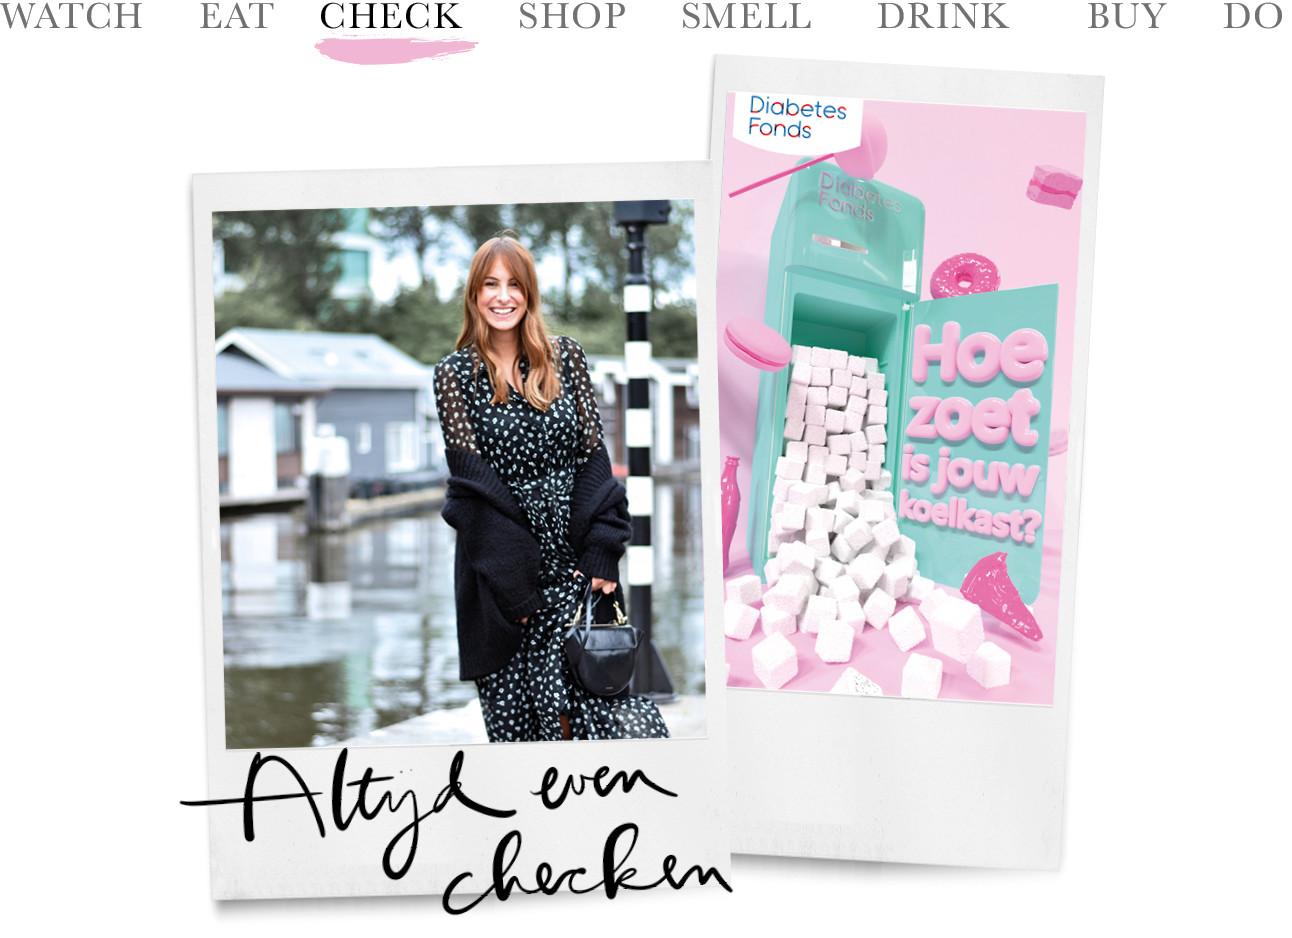 beeld van een lachende lilian en naast haar een foto van het diabetes fonds